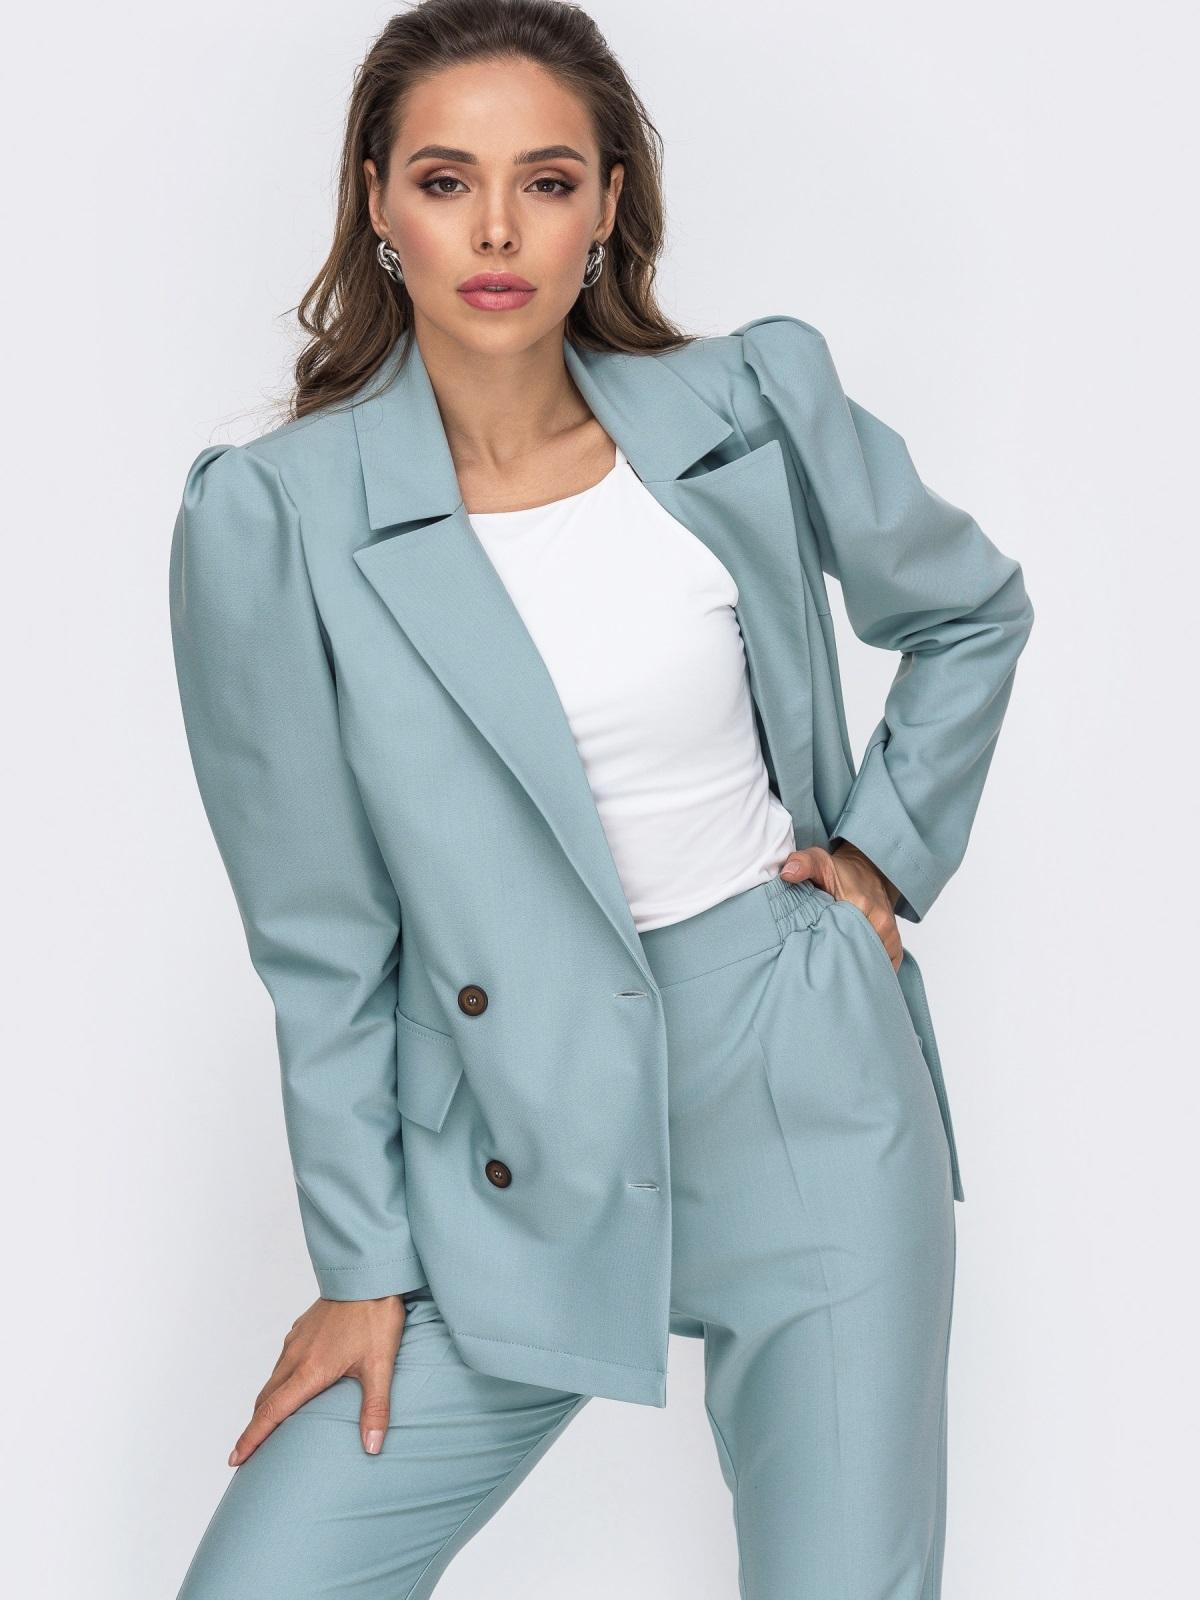 Брючный комплект с двубортным пиджаком мятный 50663, фото 1